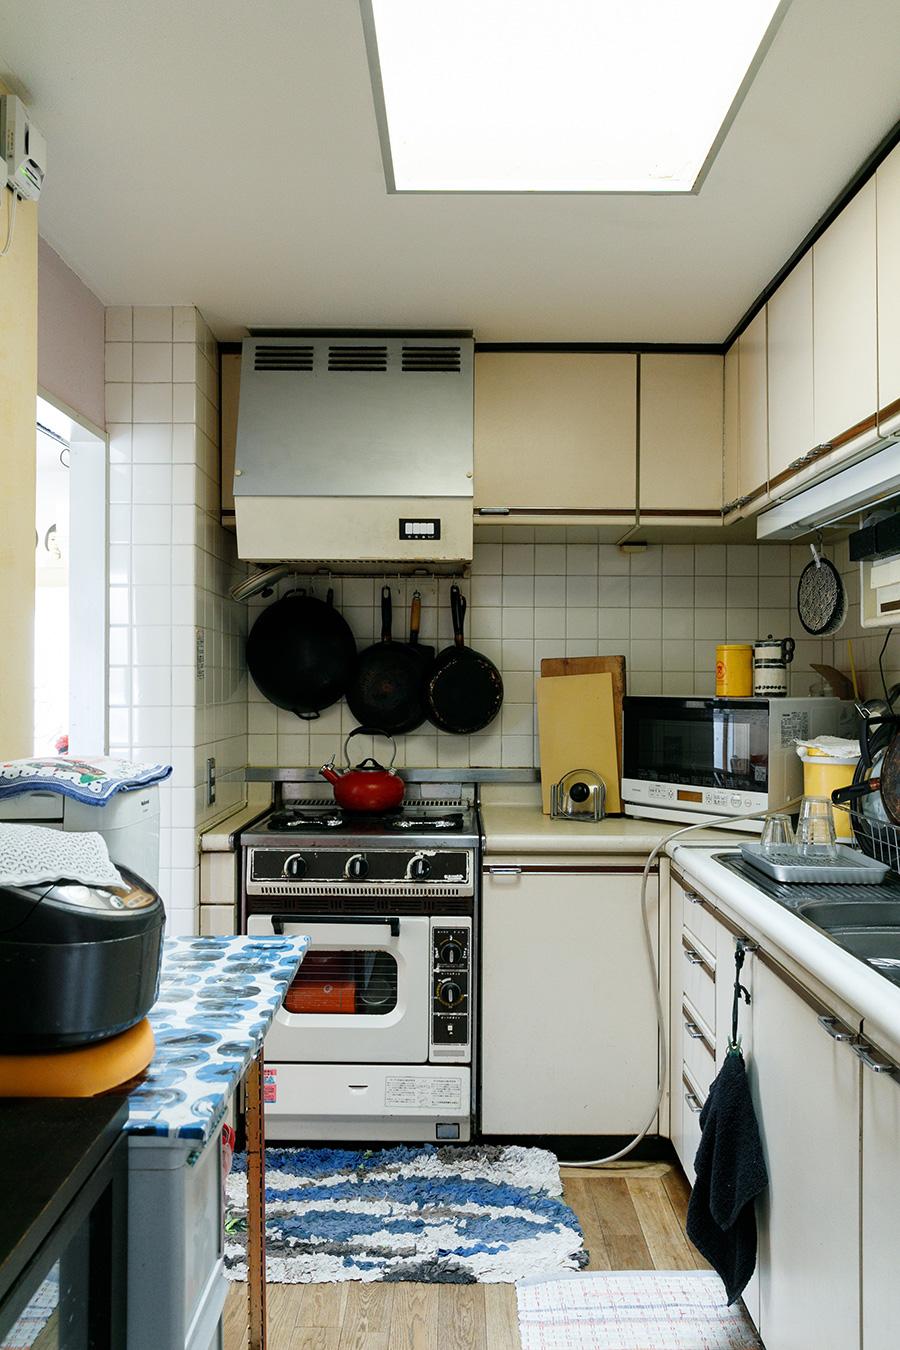 トップライトがあるキッチンは最上階ならでは。設備は既存のままなので、ちょっとレトロな雰囲気。